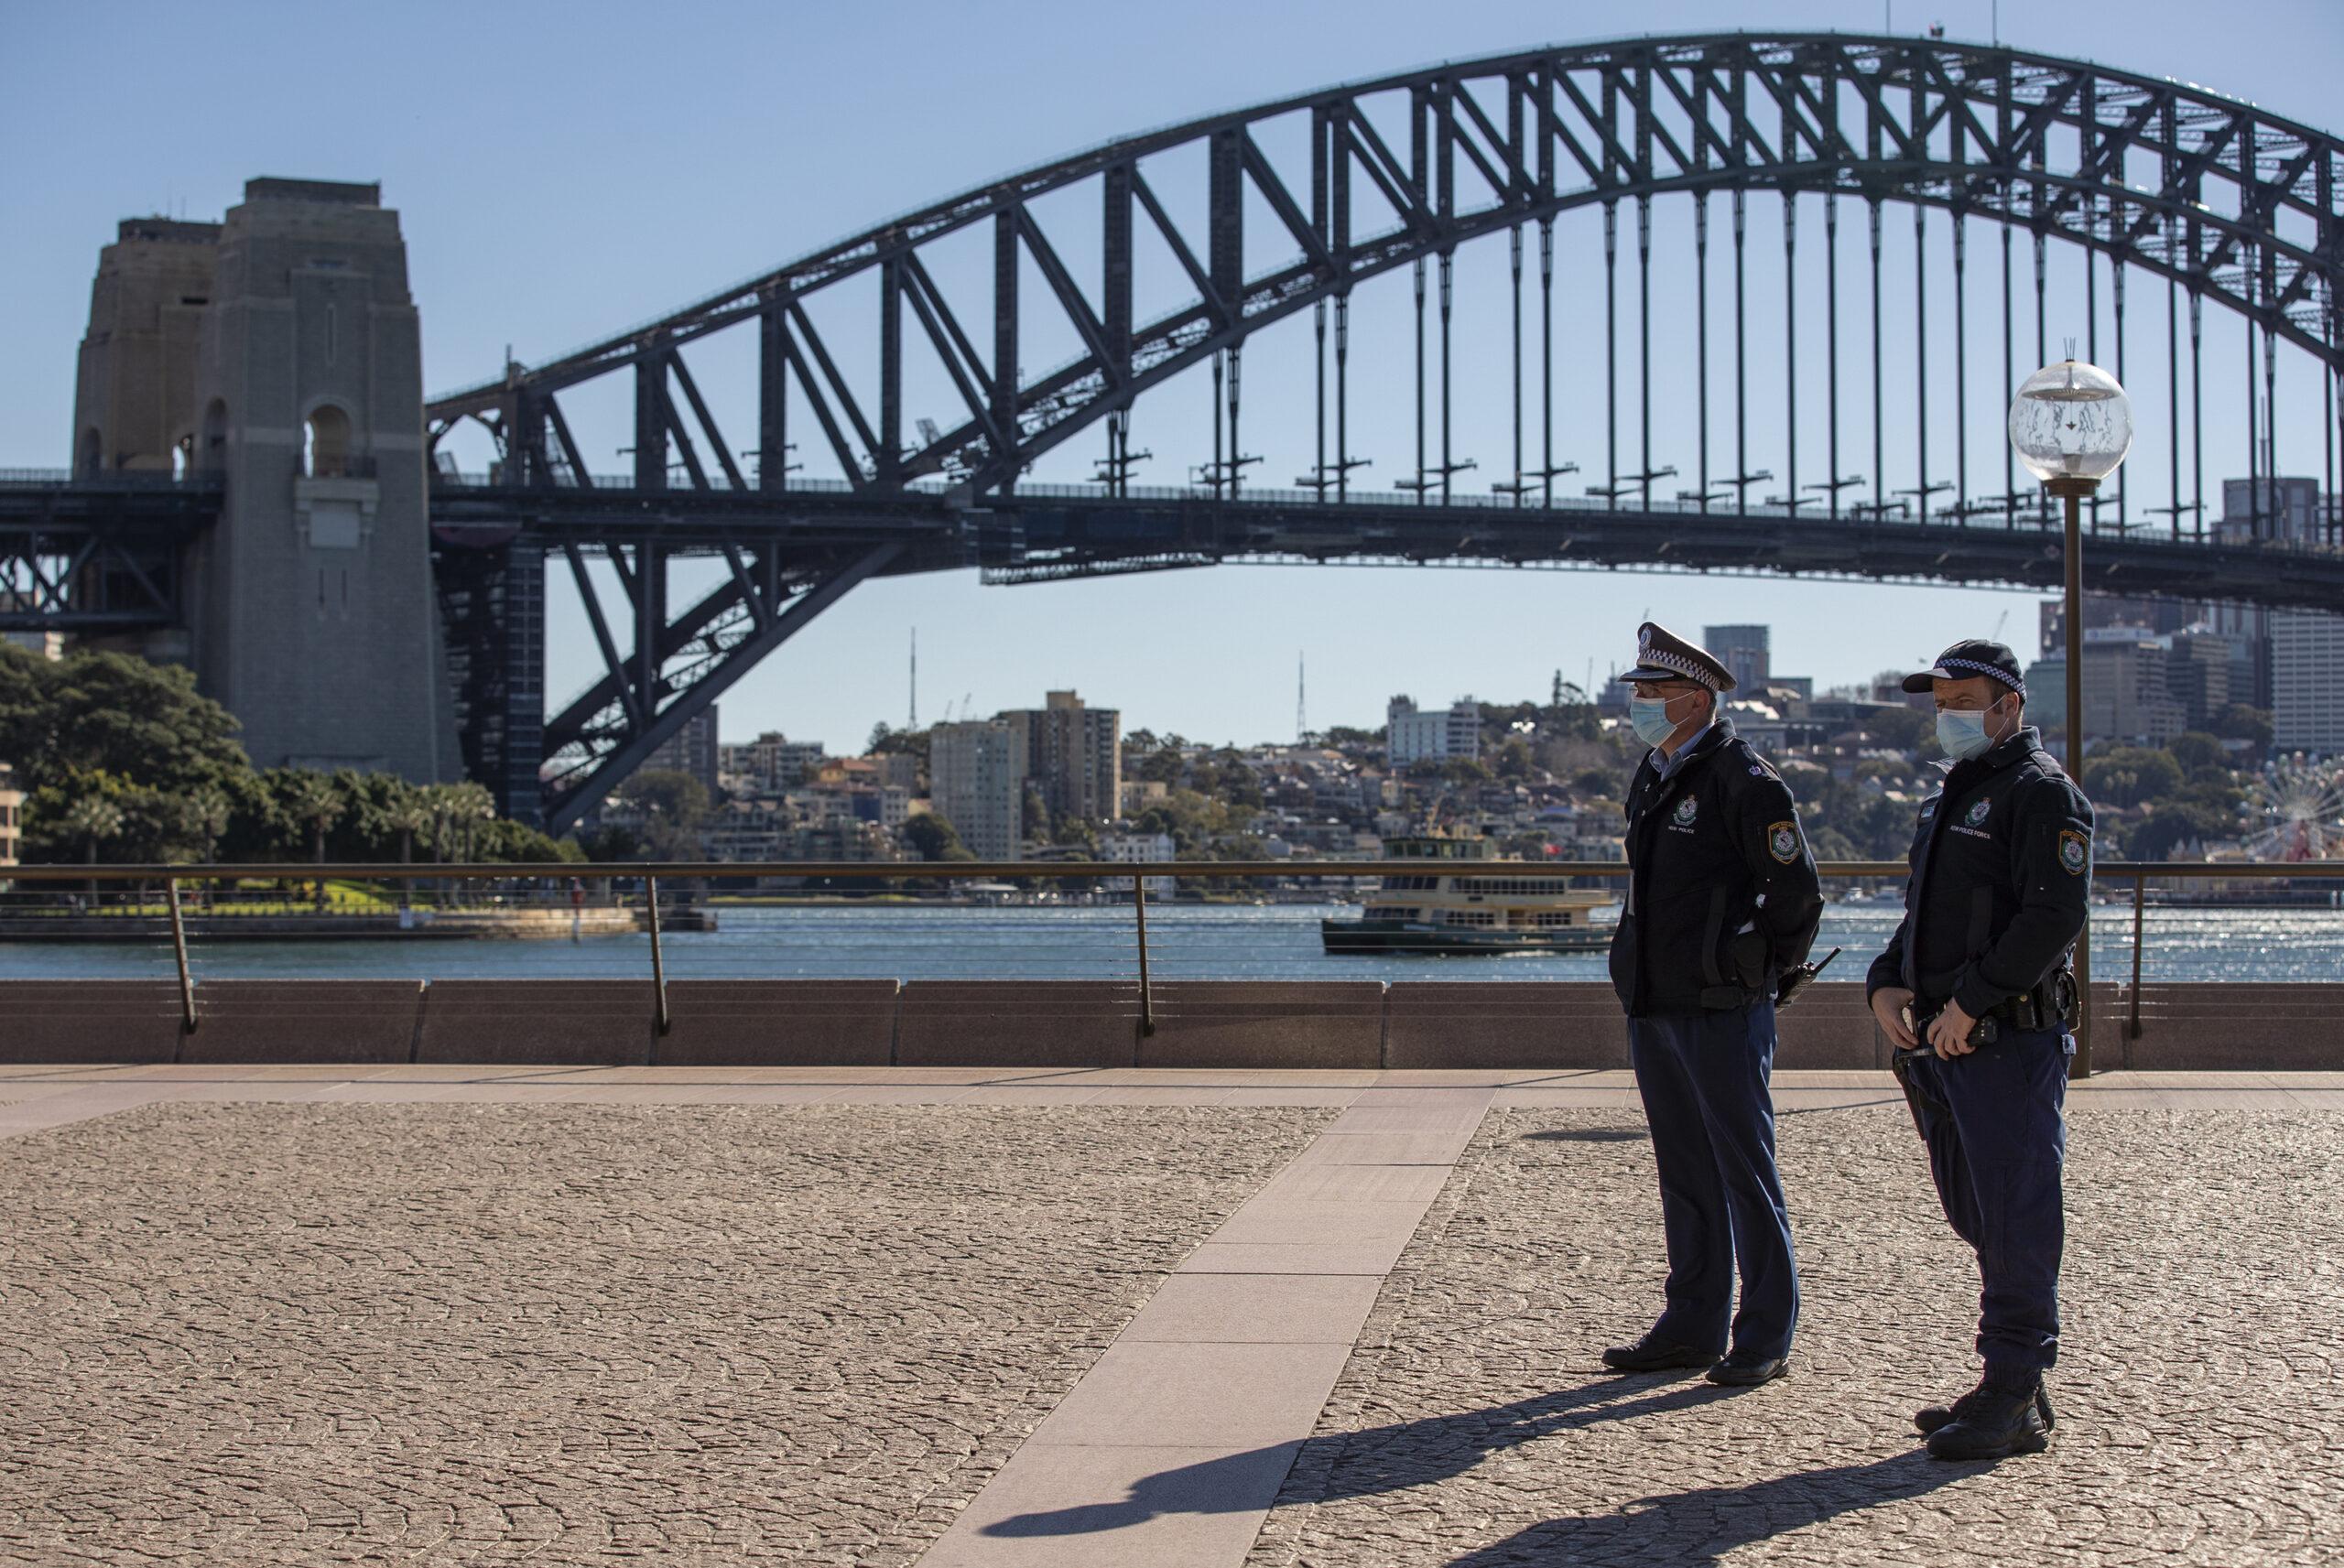 นิวซีแลนด์ระงับ 'เดินทางแบบไม่กักตัว' กับออสเตรเลีย ยิงยาว 8 สัปดาห์